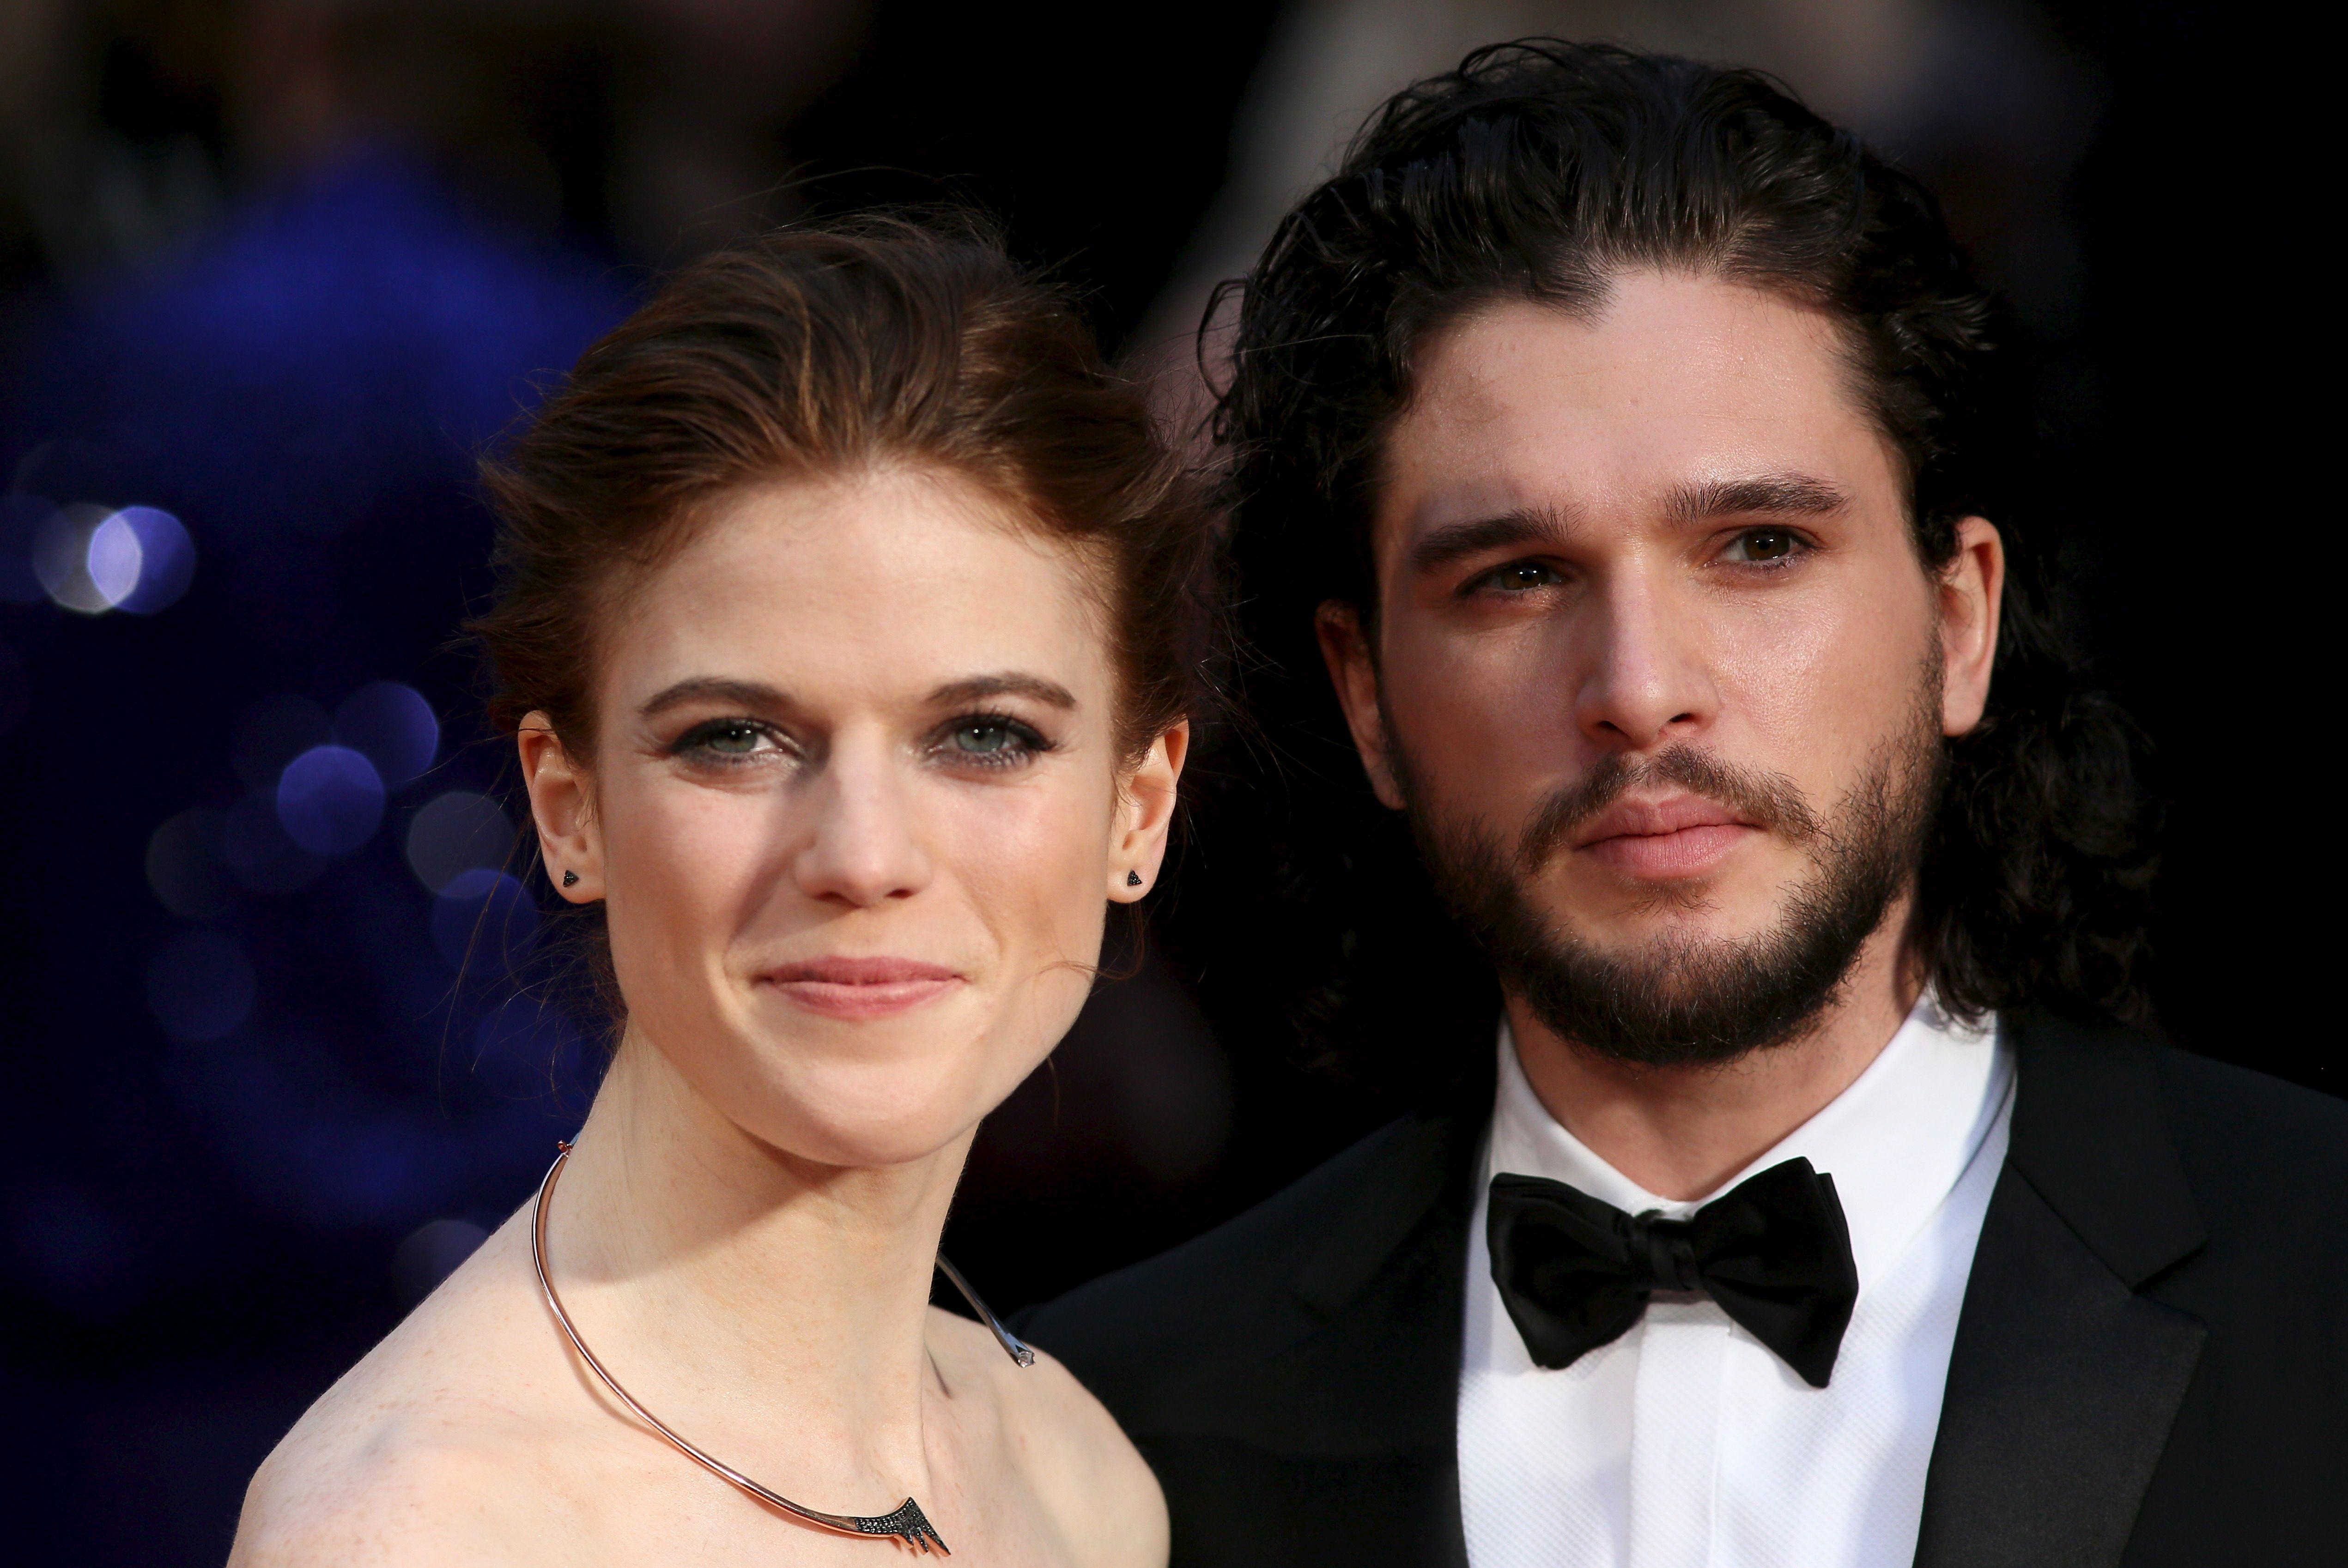 La saison 6 de Game of Thrones sera diffusée le 24 avril.